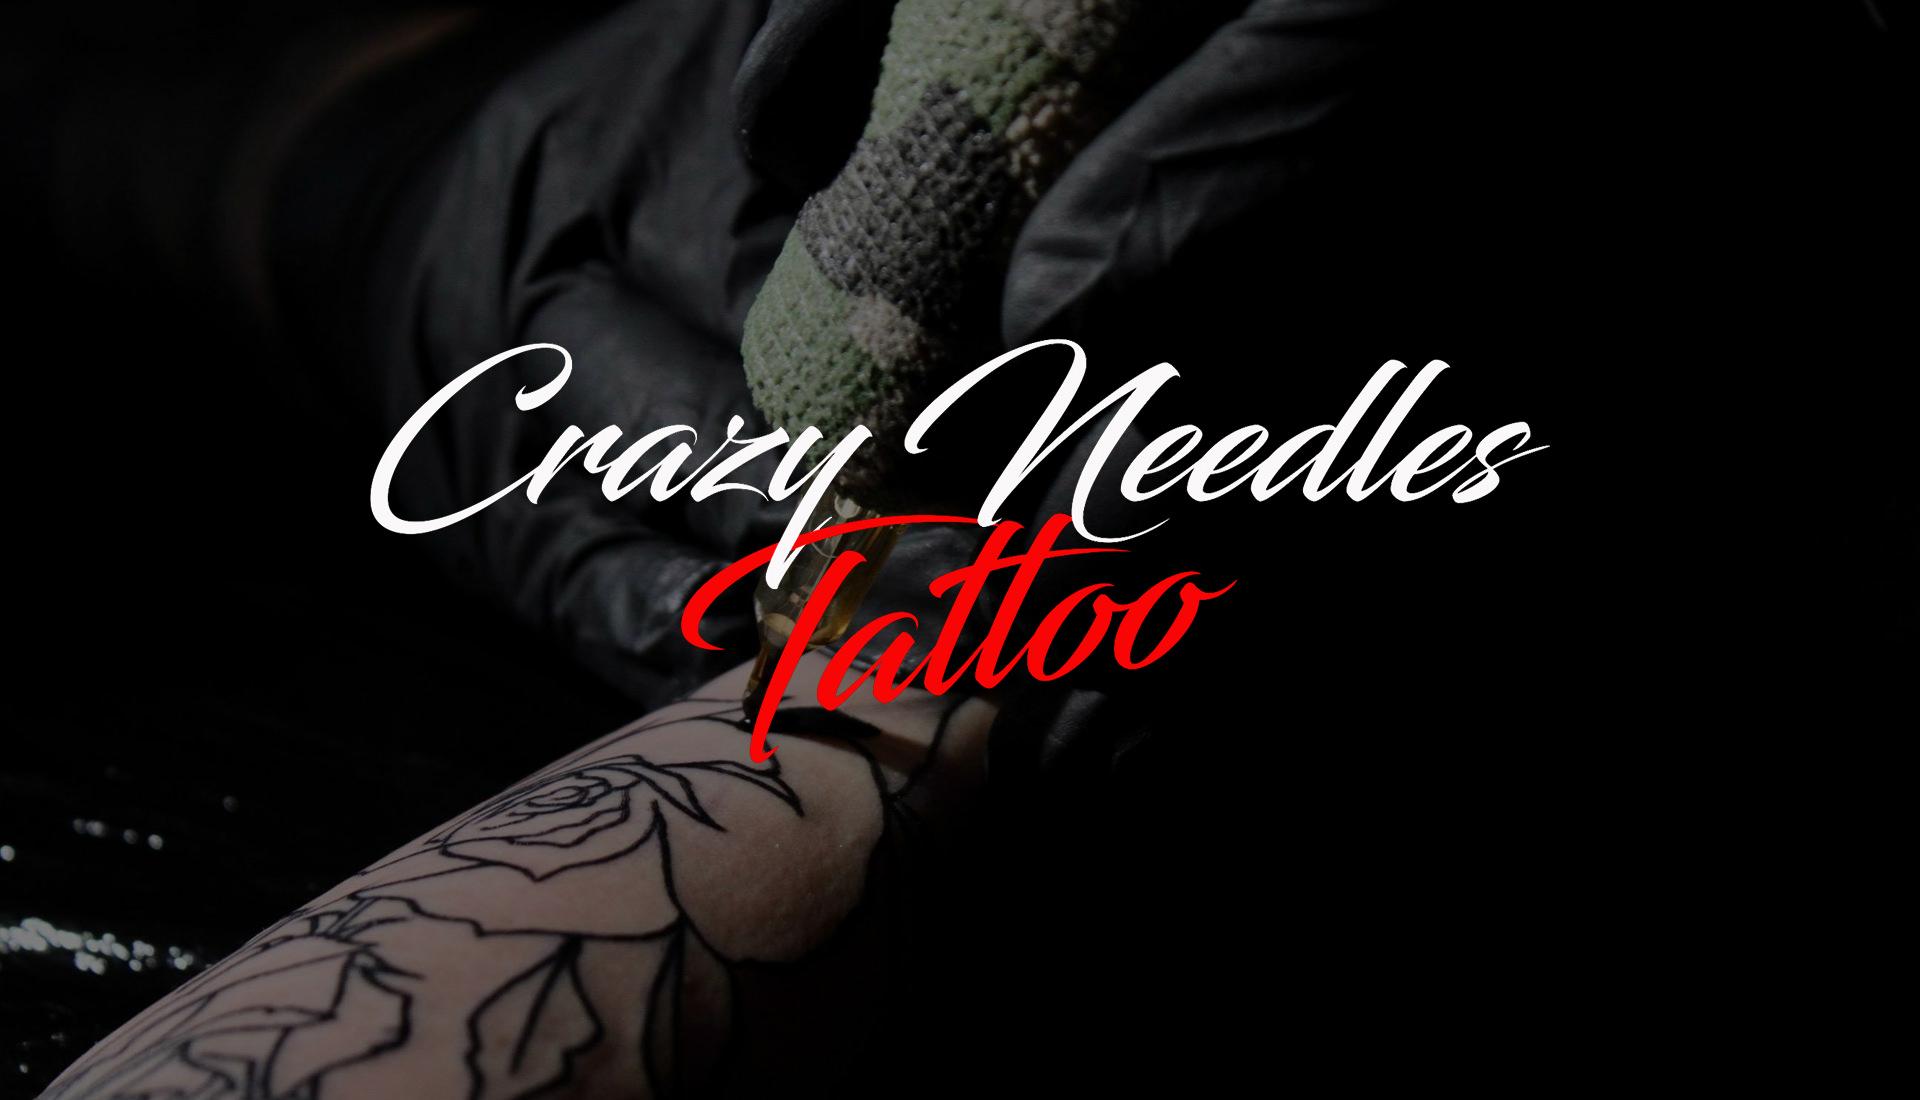 Crazy Needles | Un tatoueur de confiance sur Annemasse (74)